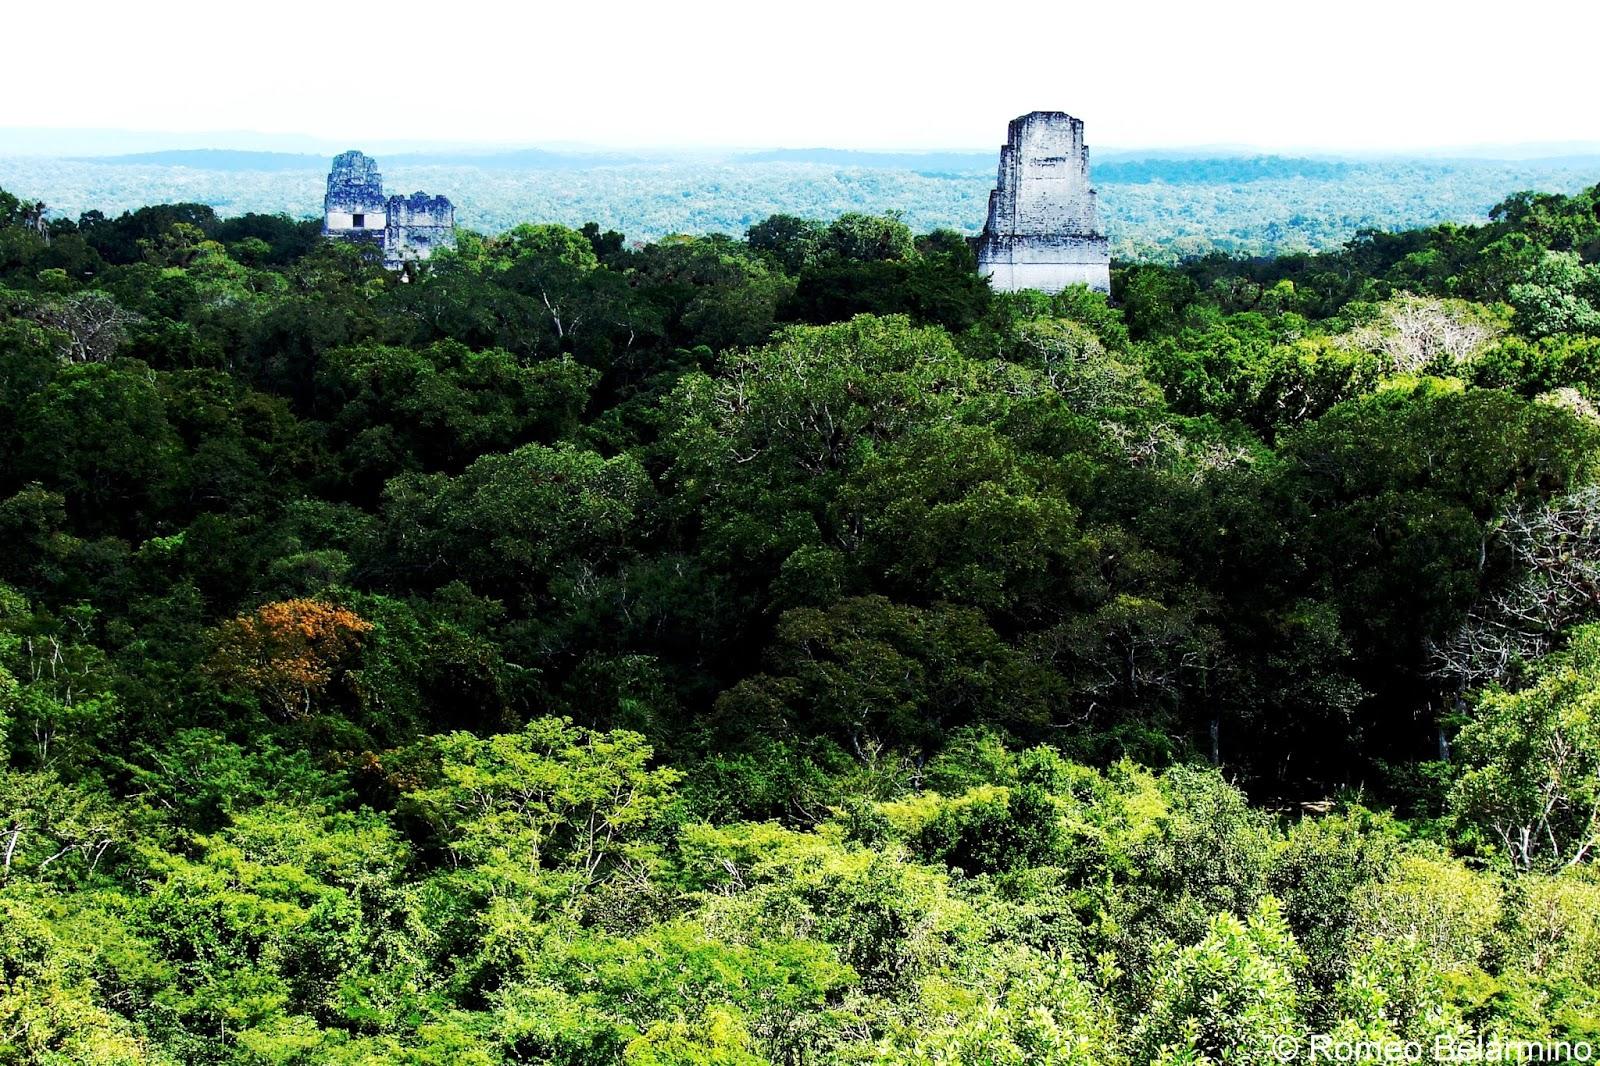 Tikal Guatemala Star Wars Star Wars View From Tikal